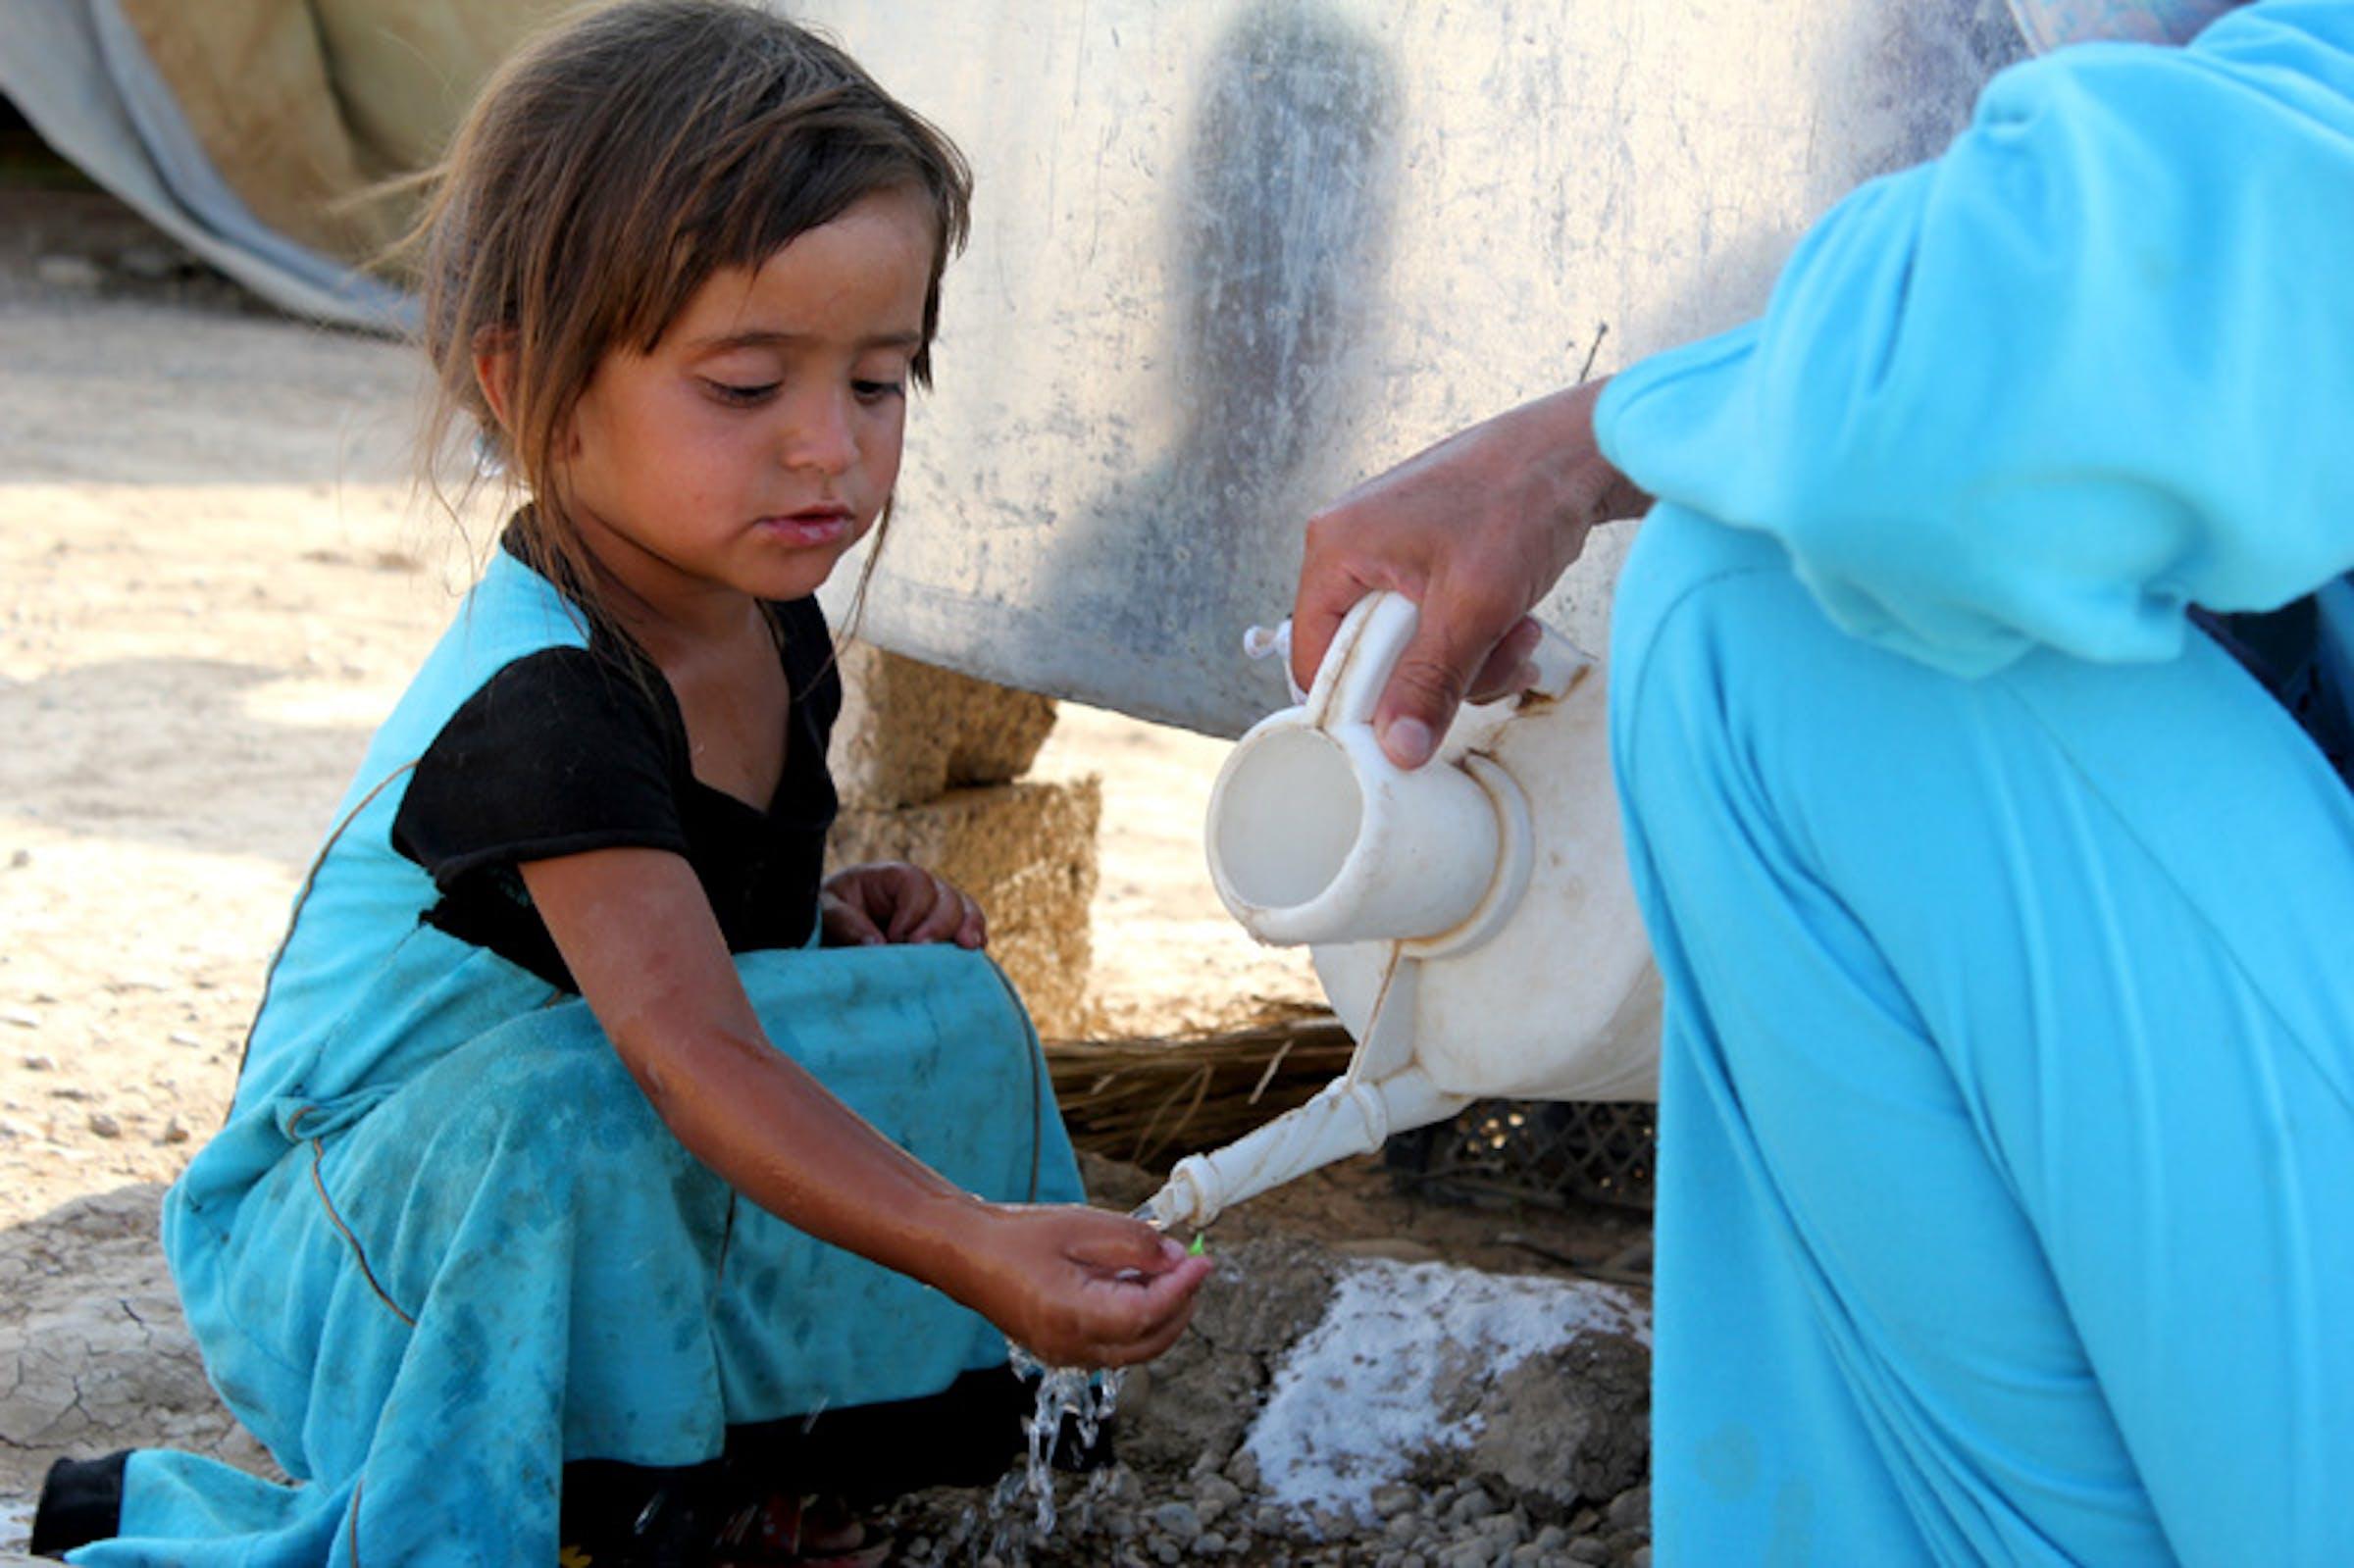 In questo campo profughi (Iraq) l'acqua arriva 3 volte a settimana grazie a un'autocisterna - ©UNICEF Iraq/2012/Abdulmunem